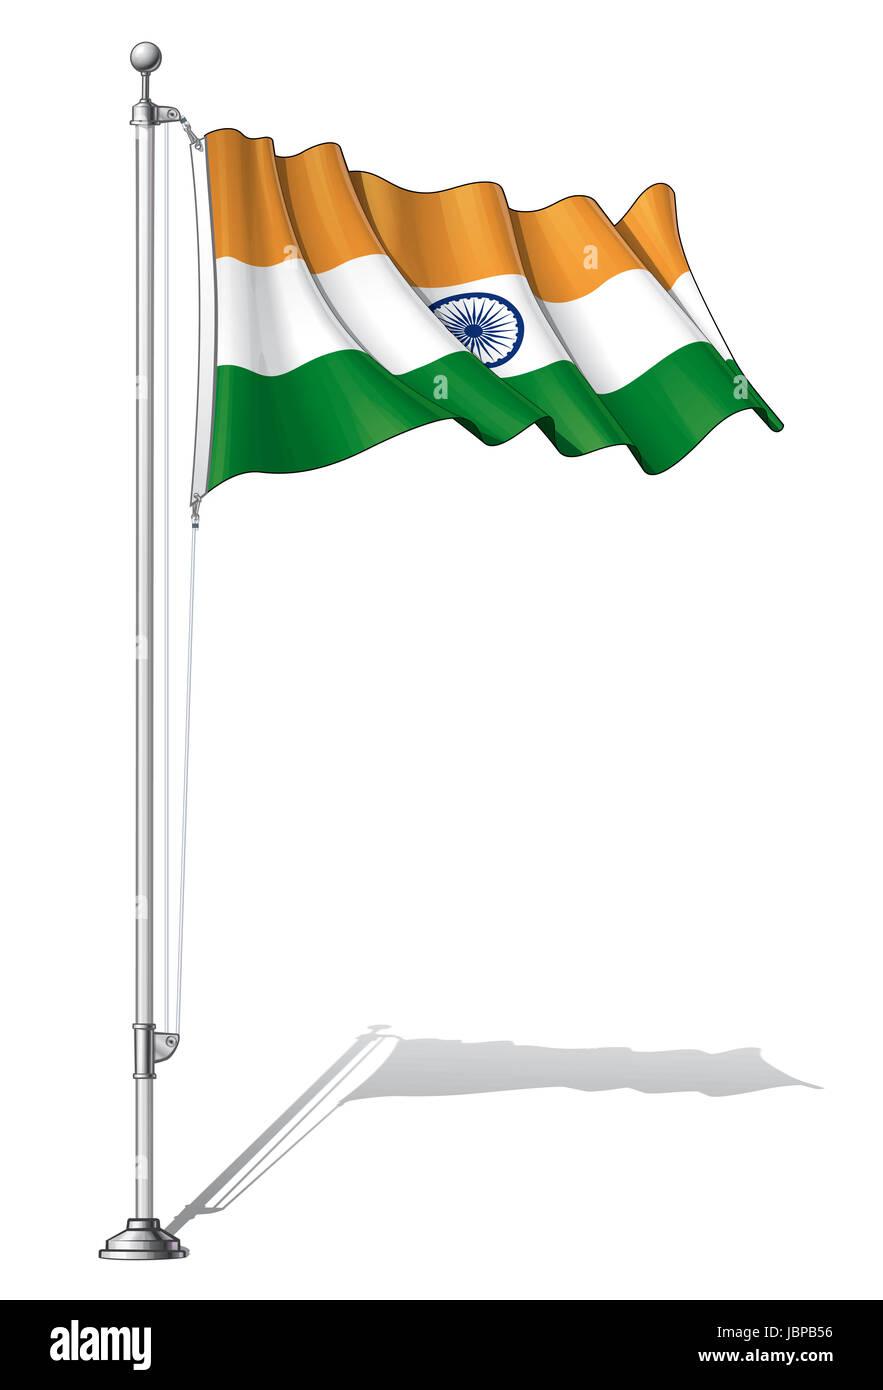 Ilustración Vectorial De Una Ondulante Bandera India Fijar